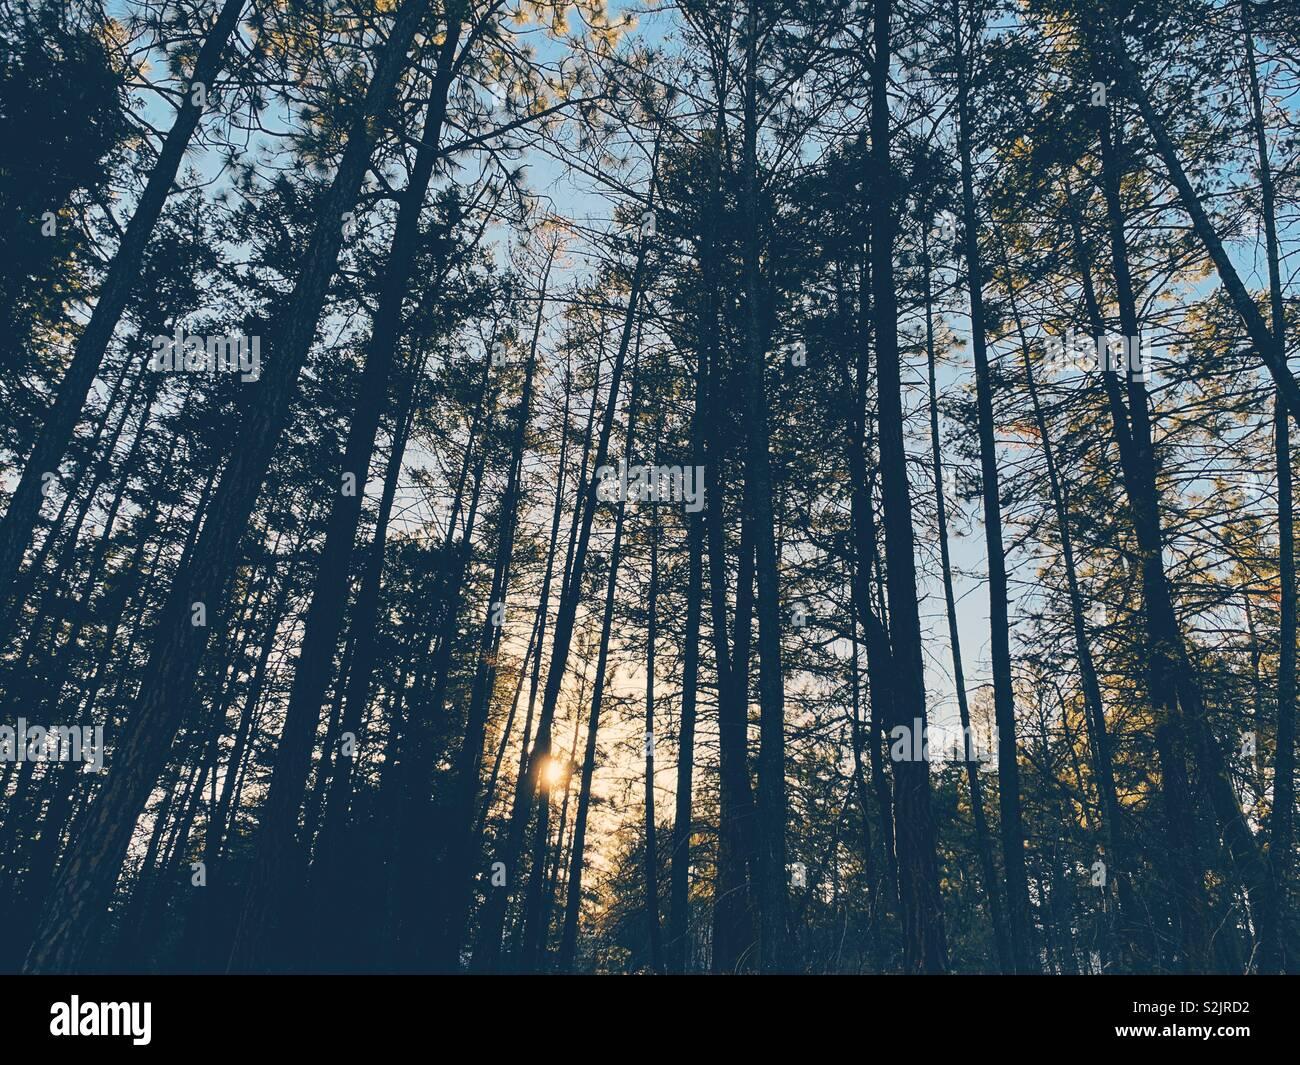 Tramonto attraverso gli alberi di una foresta sempreverde. Immagini Stock